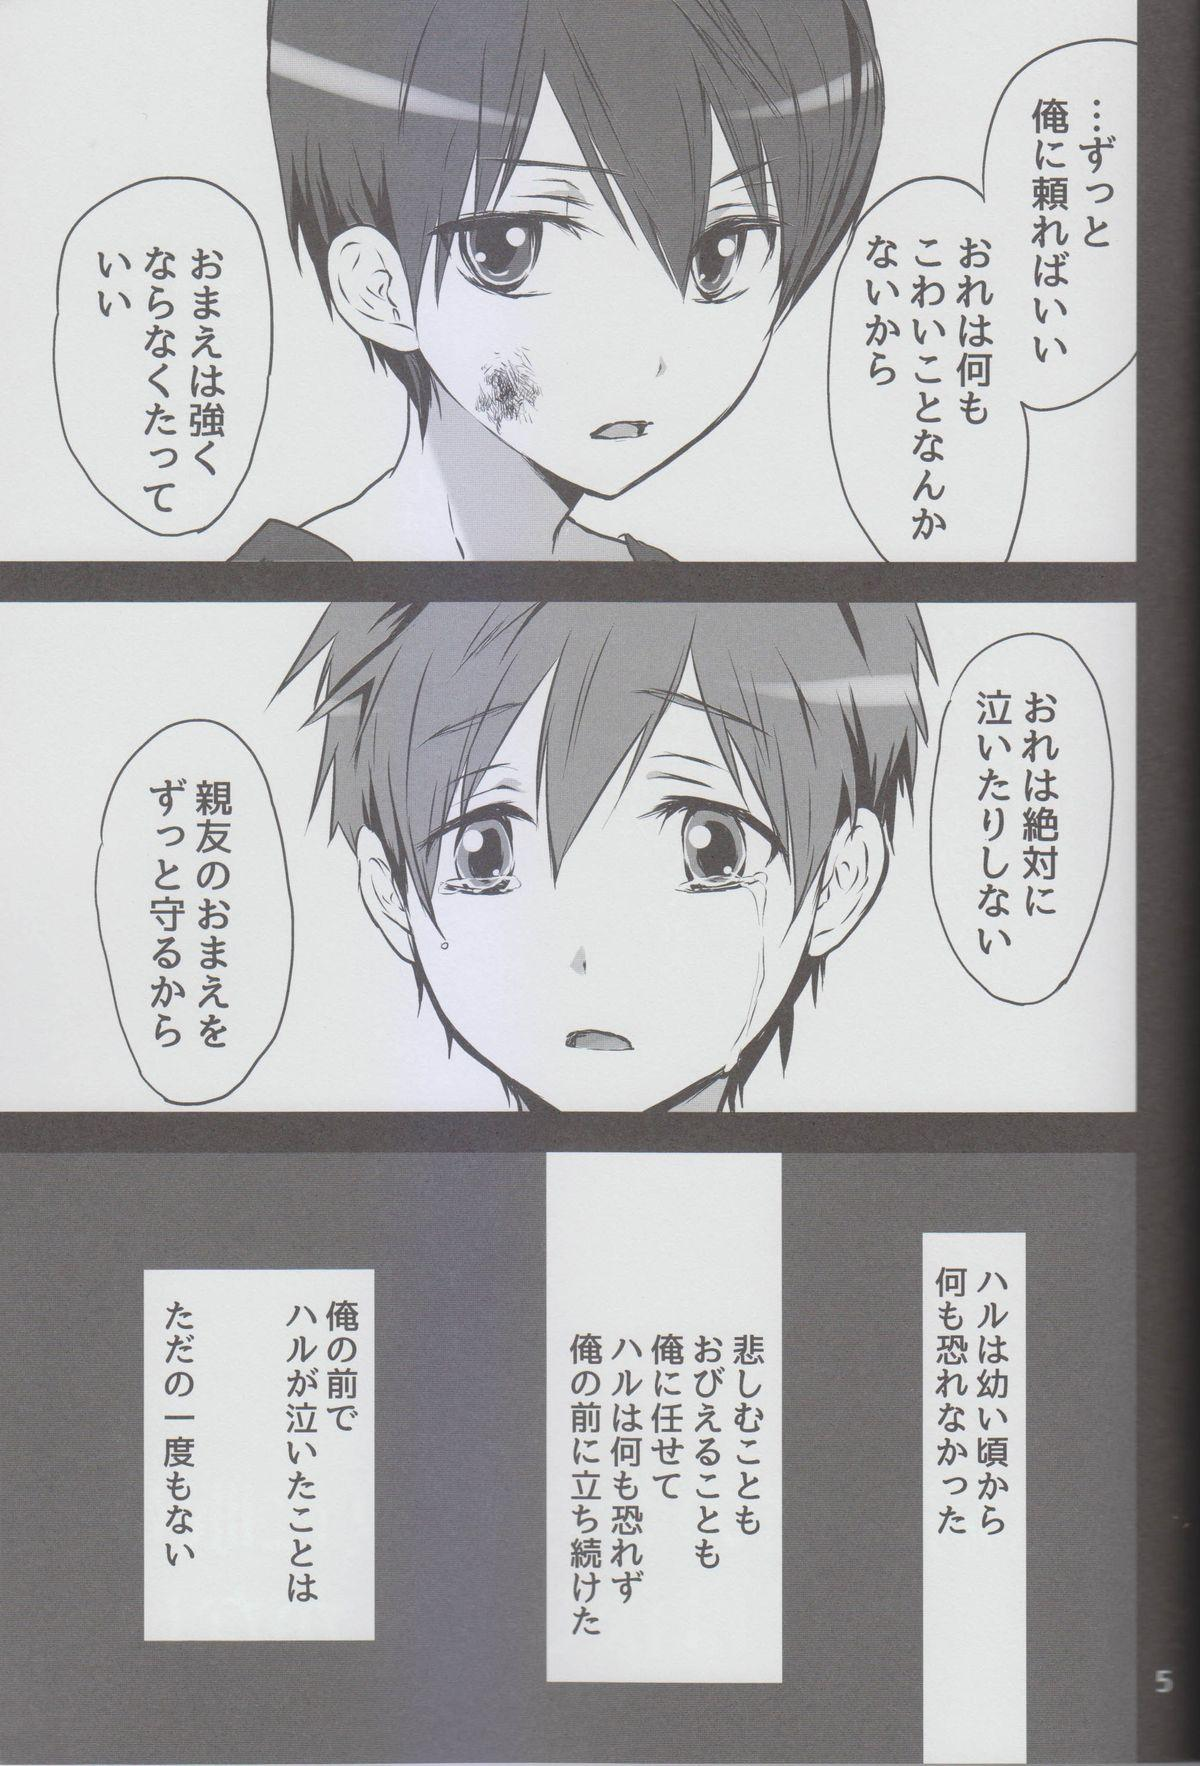 Okubyou na Boku no Kingyo wa Natsu ni Nemuri, Kimi wa Kesshite Nakanai. 3